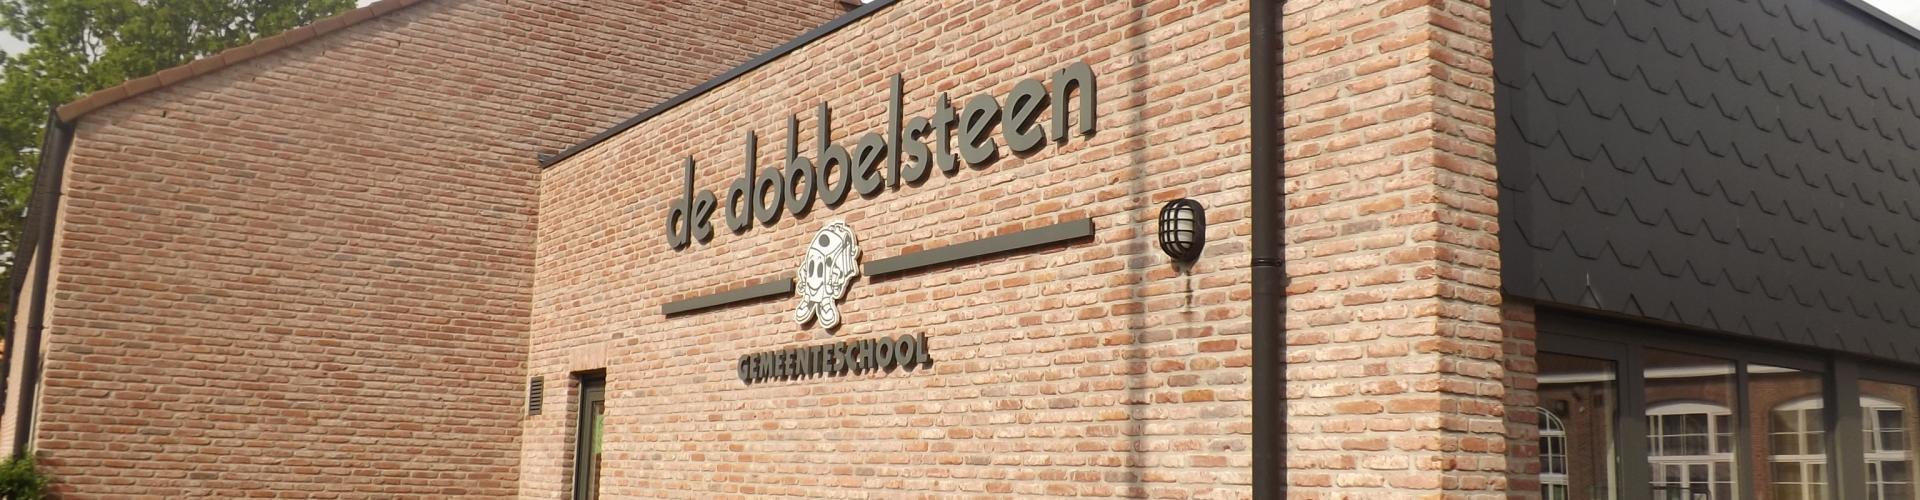 Gemeentelijke Basisschool De Dobbelsteen Moerzeke